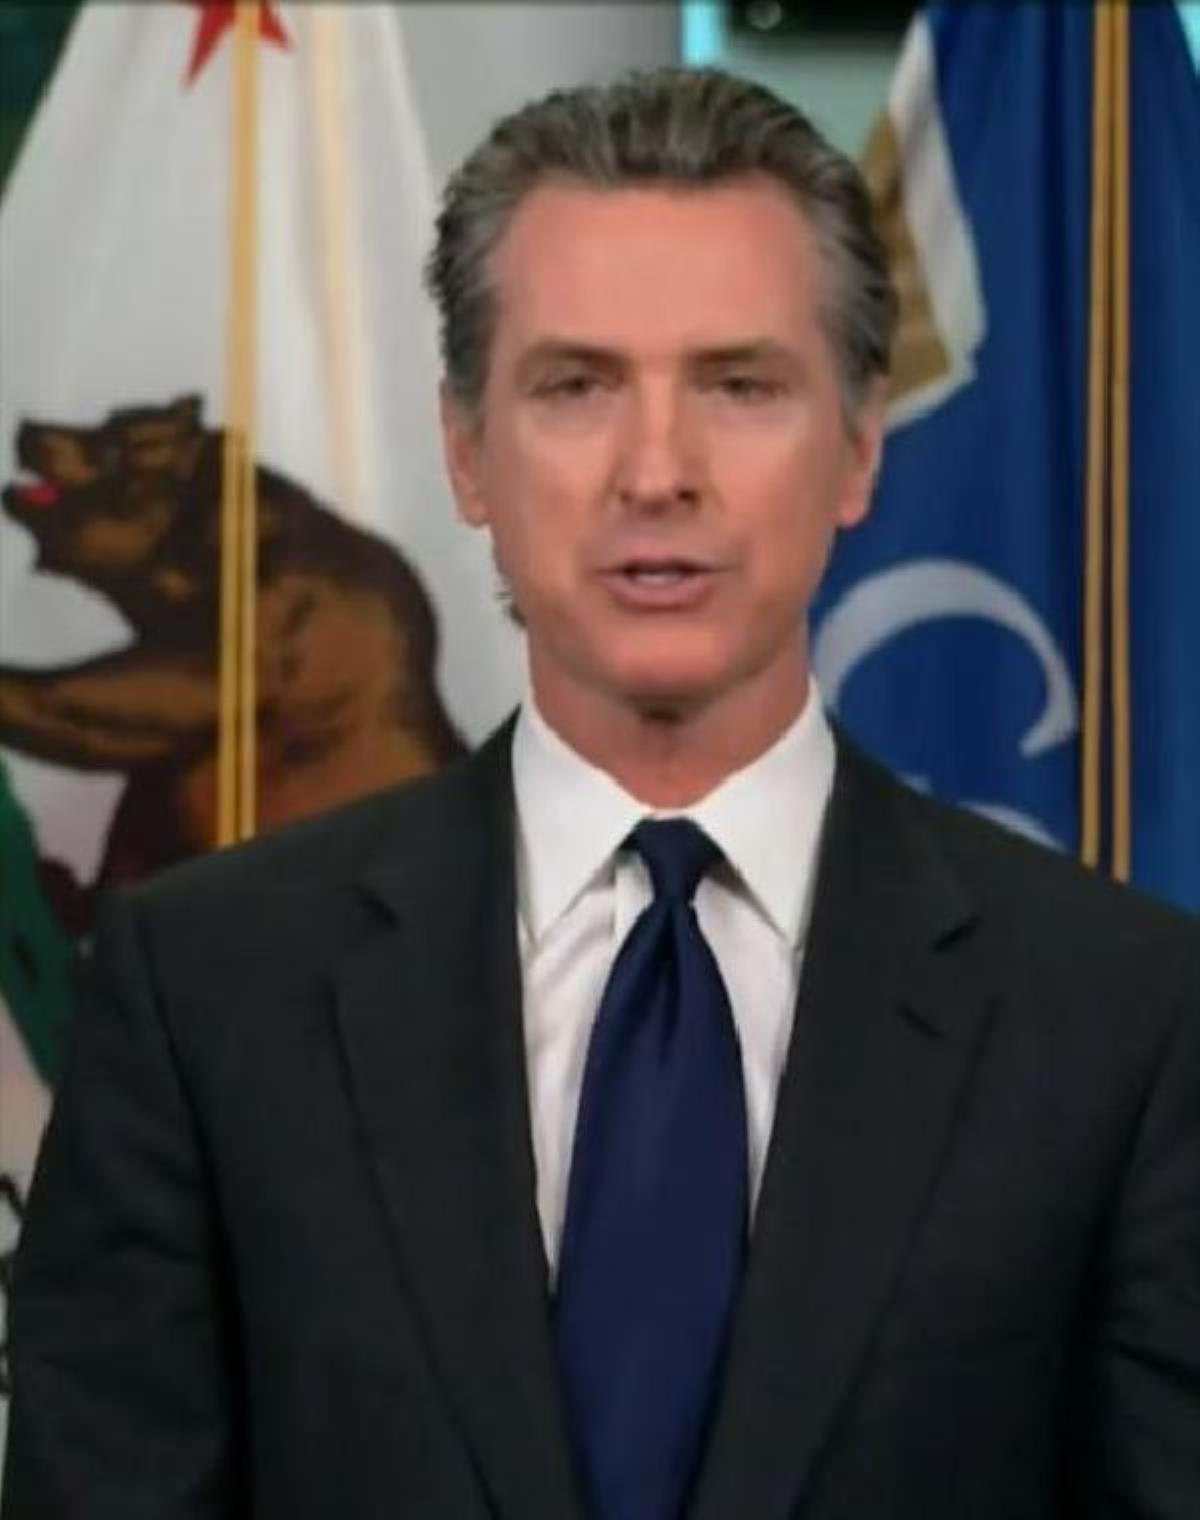 Son dakika haberi | ABD'de vahim durum: Kaliforniya Valisi 5 bin ek ceset torbası satın alındığını açıkladı